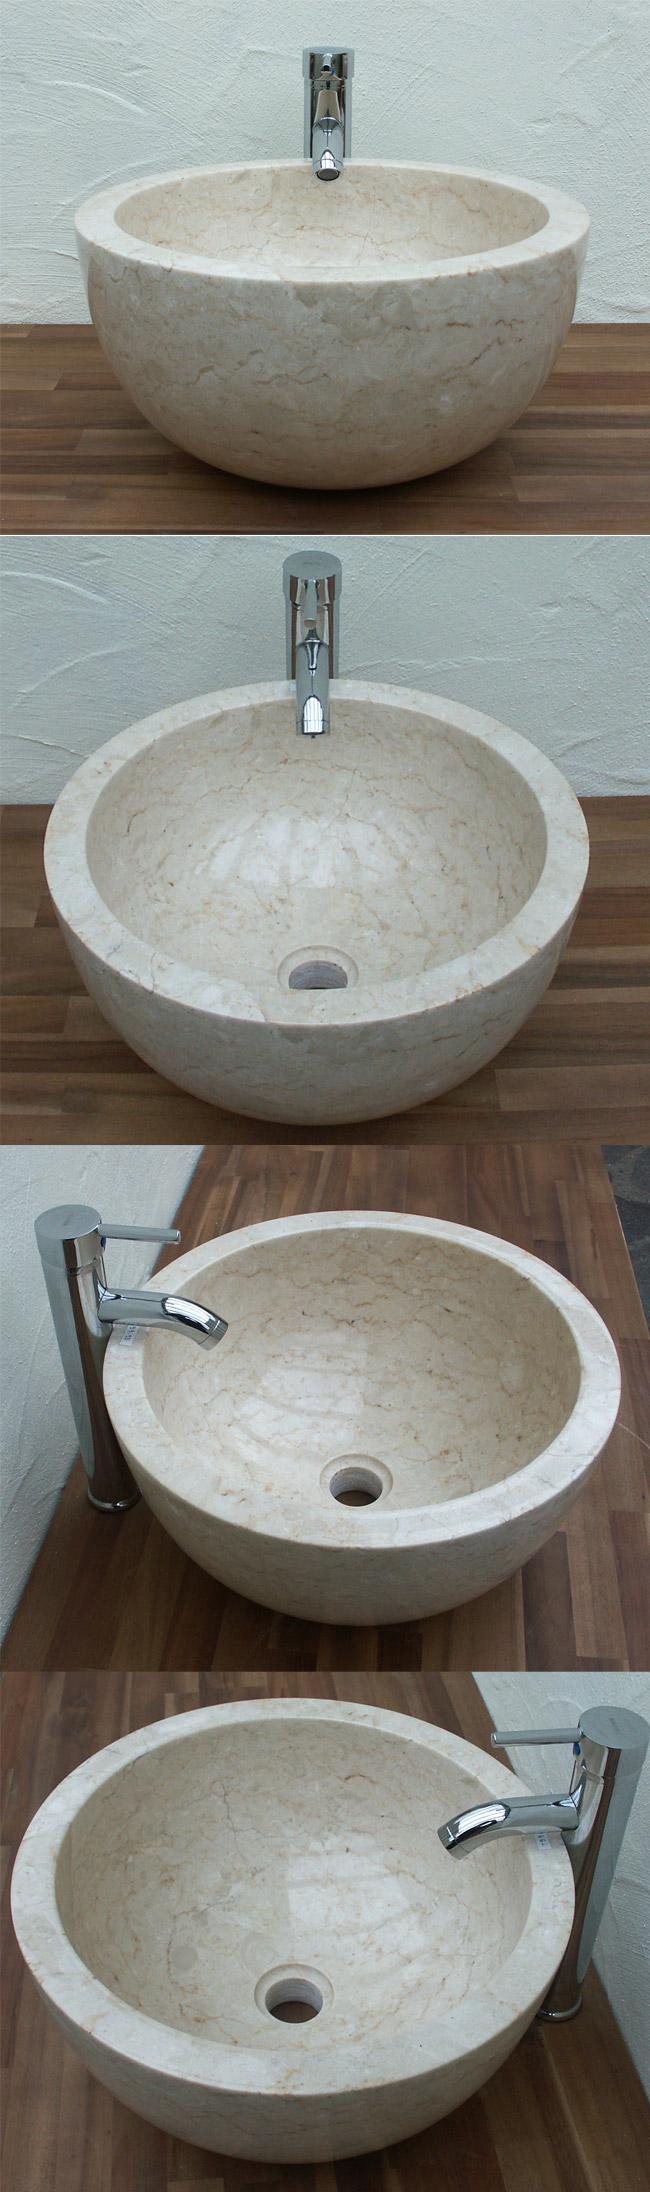 waschbecken aus marmor au en und innen poliert ein unikat. Black Bedroom Furniture Sets. Home Design Ideas